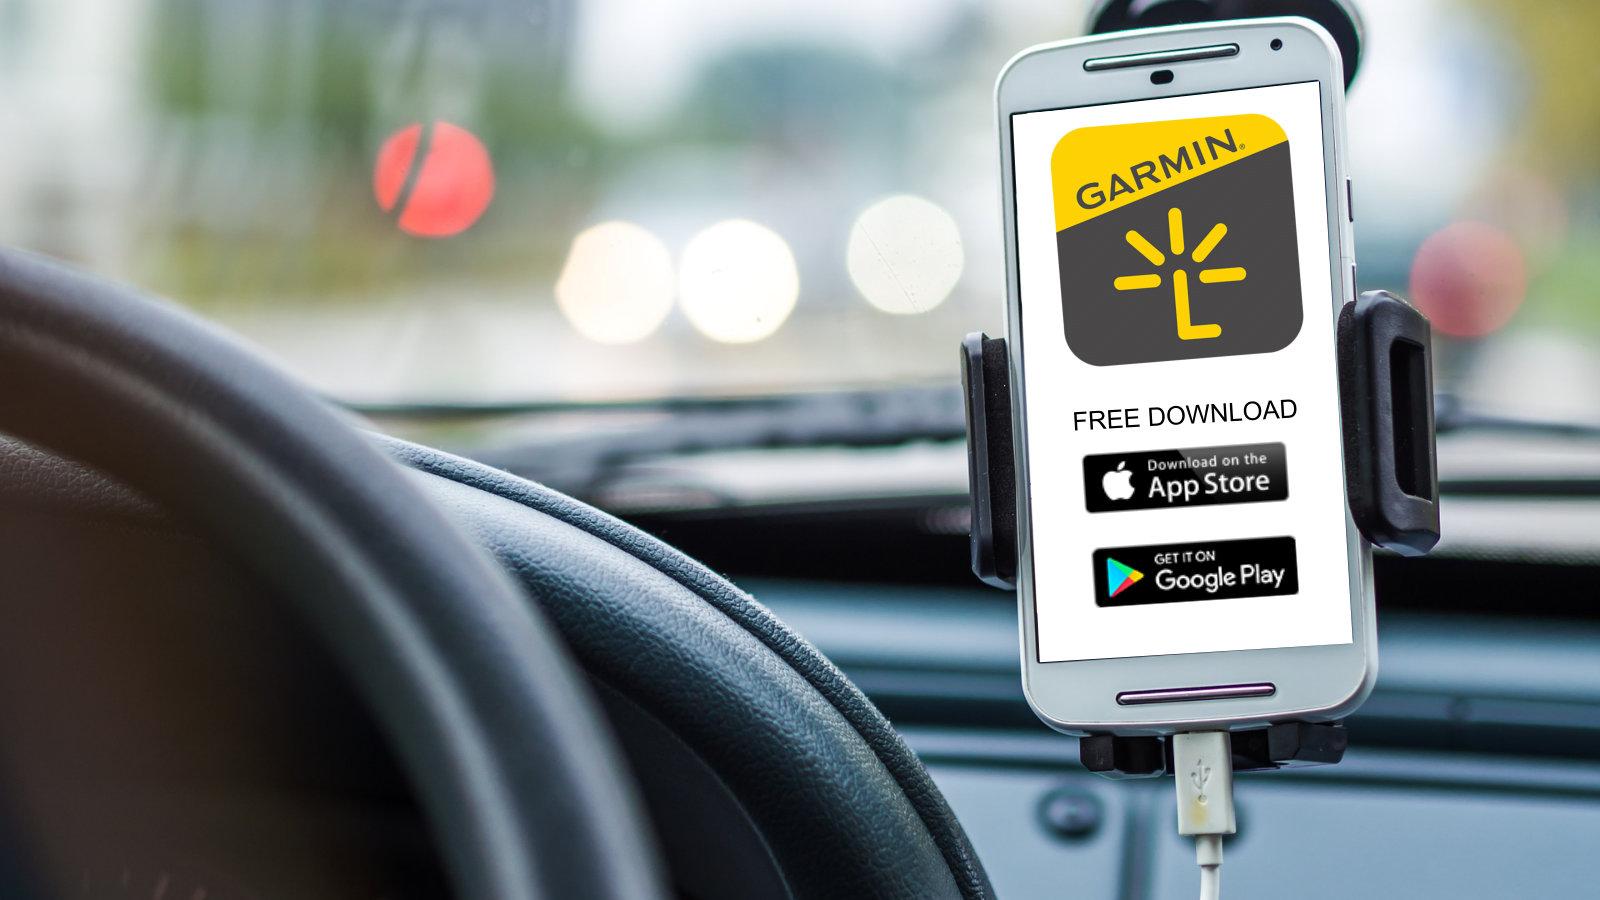 Applicazione gratuita di Garmin Smartphone Link